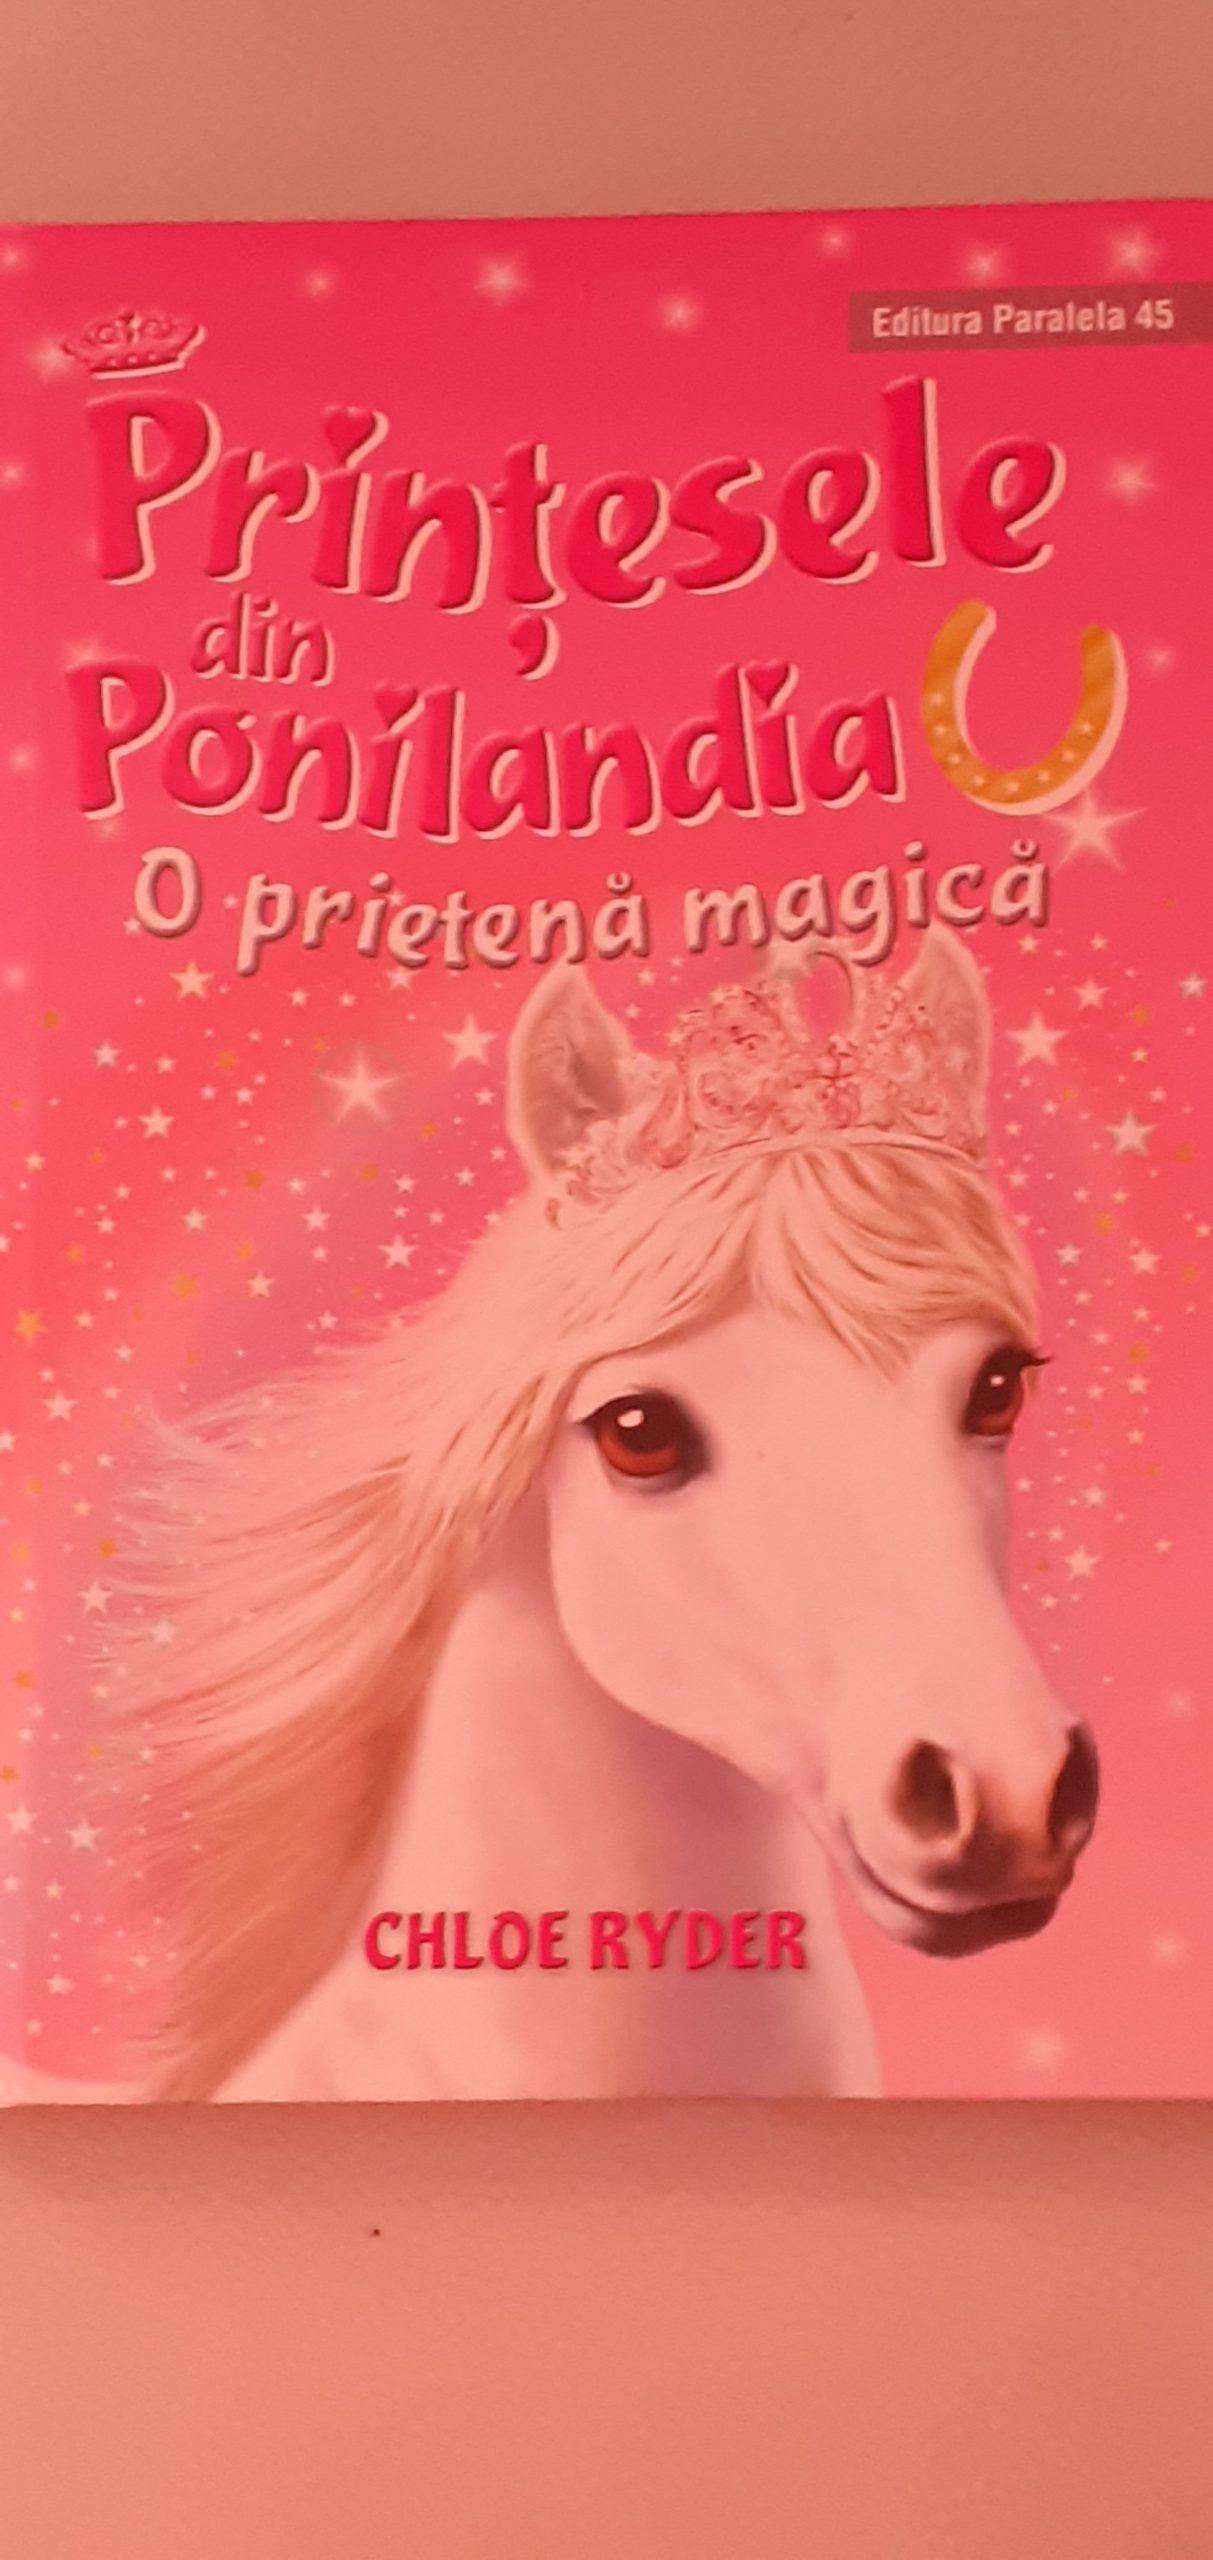 Prințesei din Ponilandia-o prietenă magică